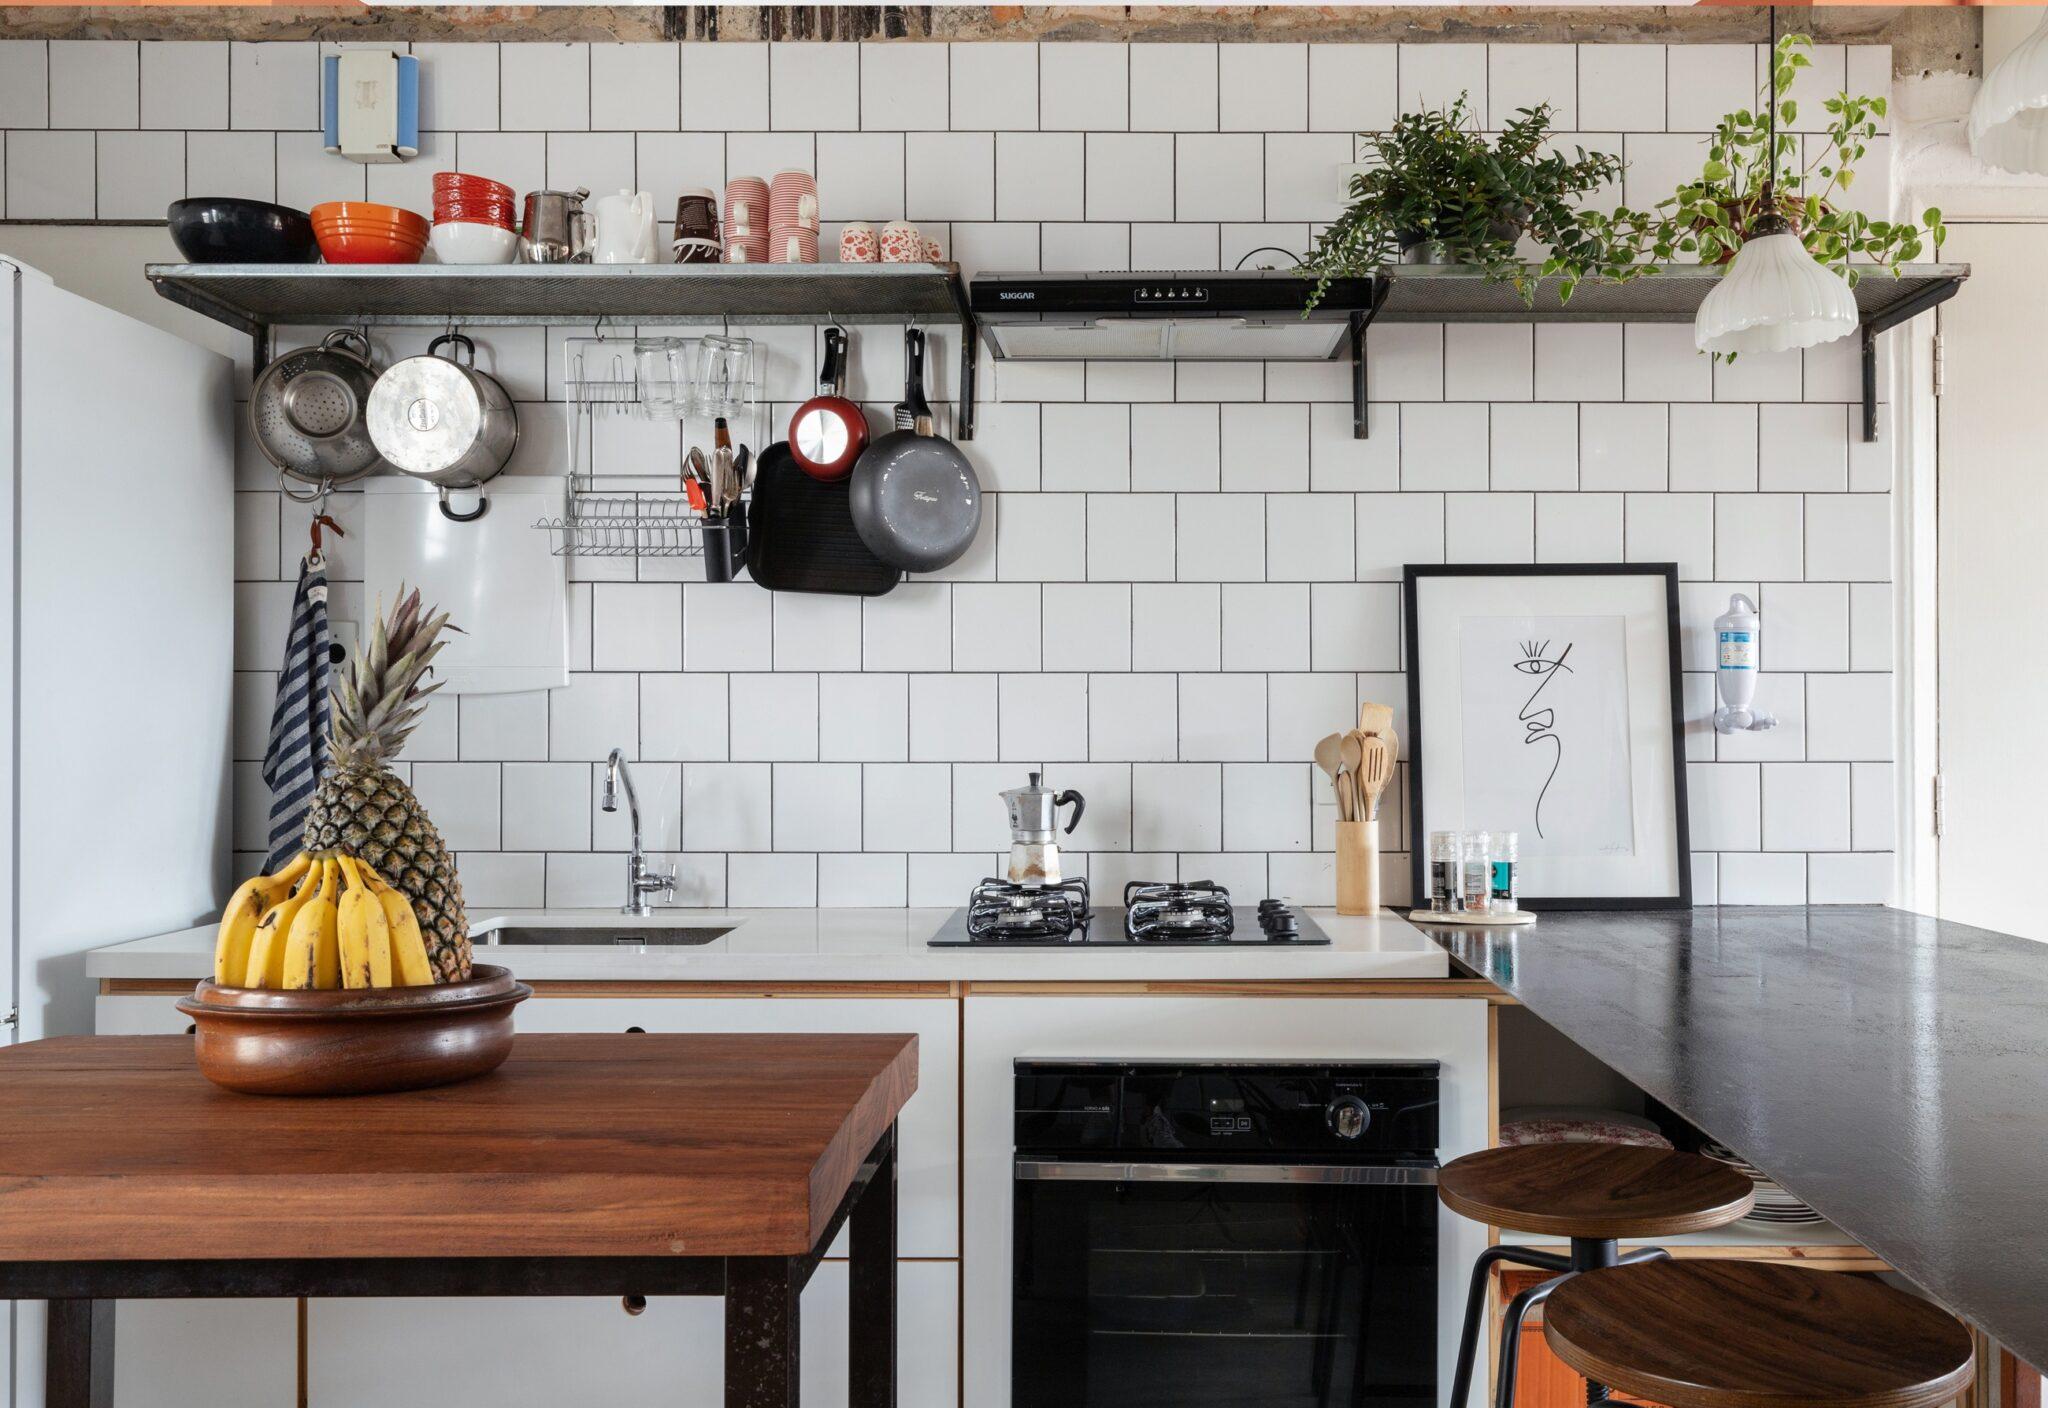 cozinha com ladrilhos brancos industriais